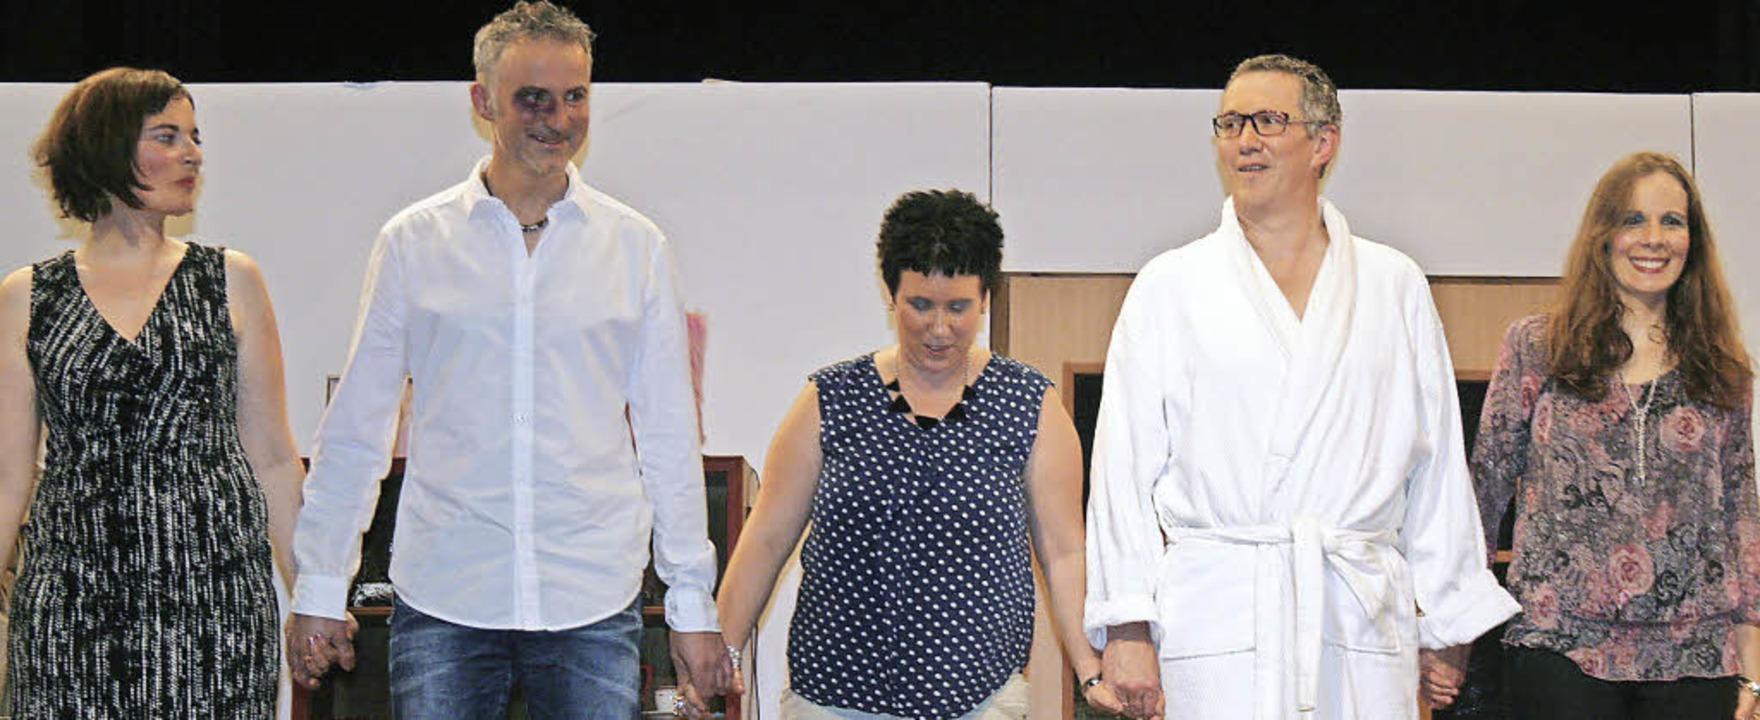 Einen fröhlichen Start in das neue Jah...eutz (von links) den Theaterfreunden.     Foto: Dieter Maurer